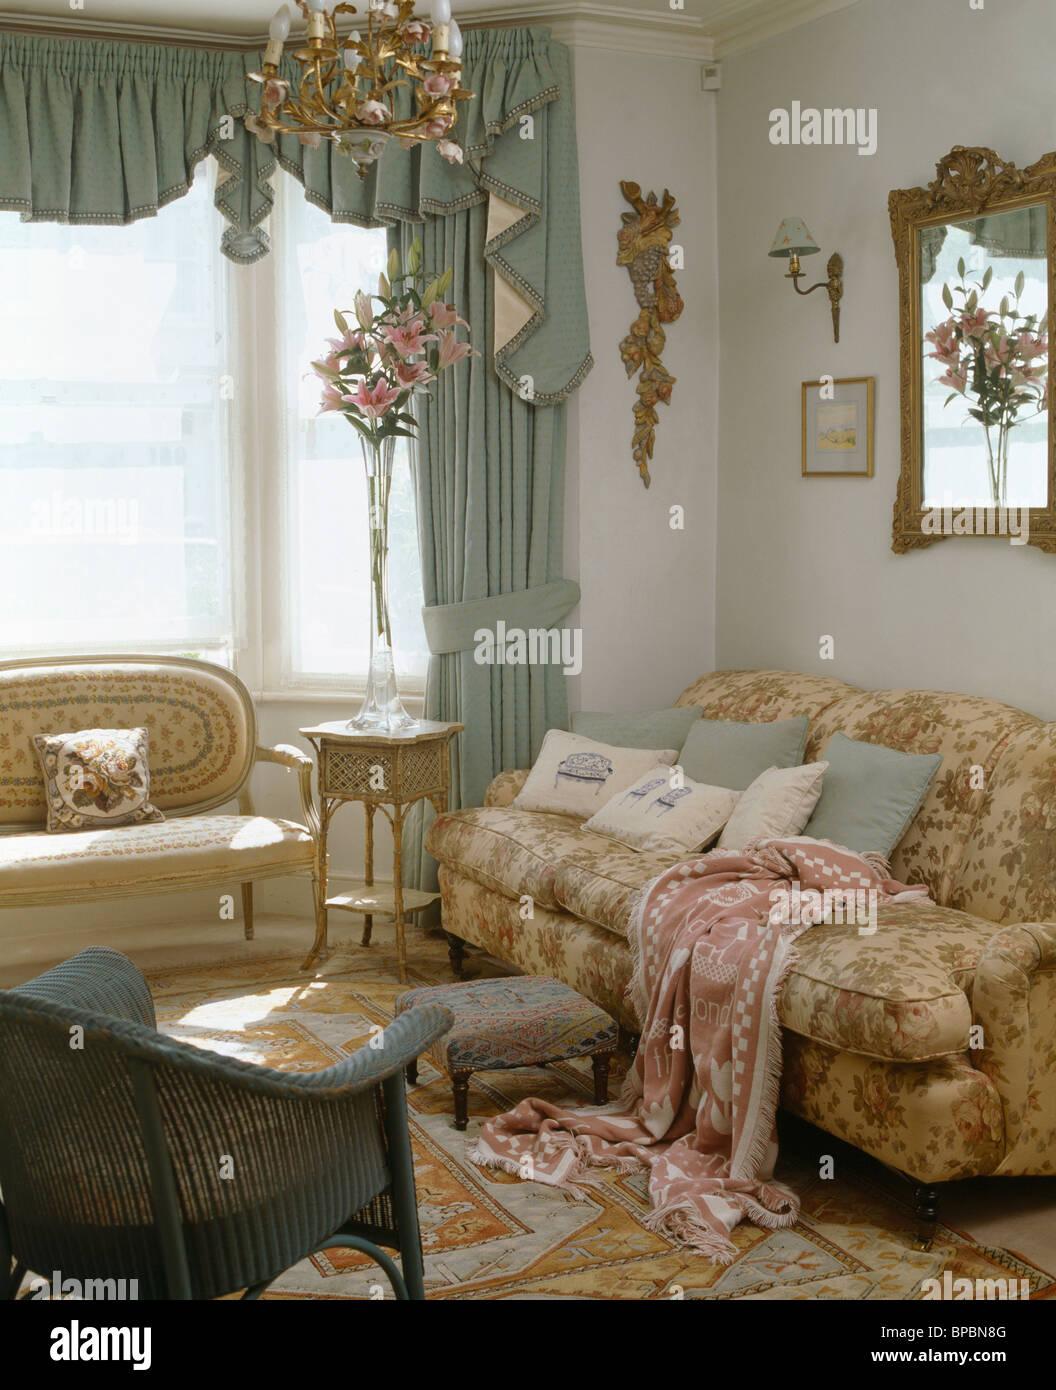 Pastell Grün swagged Vorhänge am Fenster im Wohnzimmer mit ...